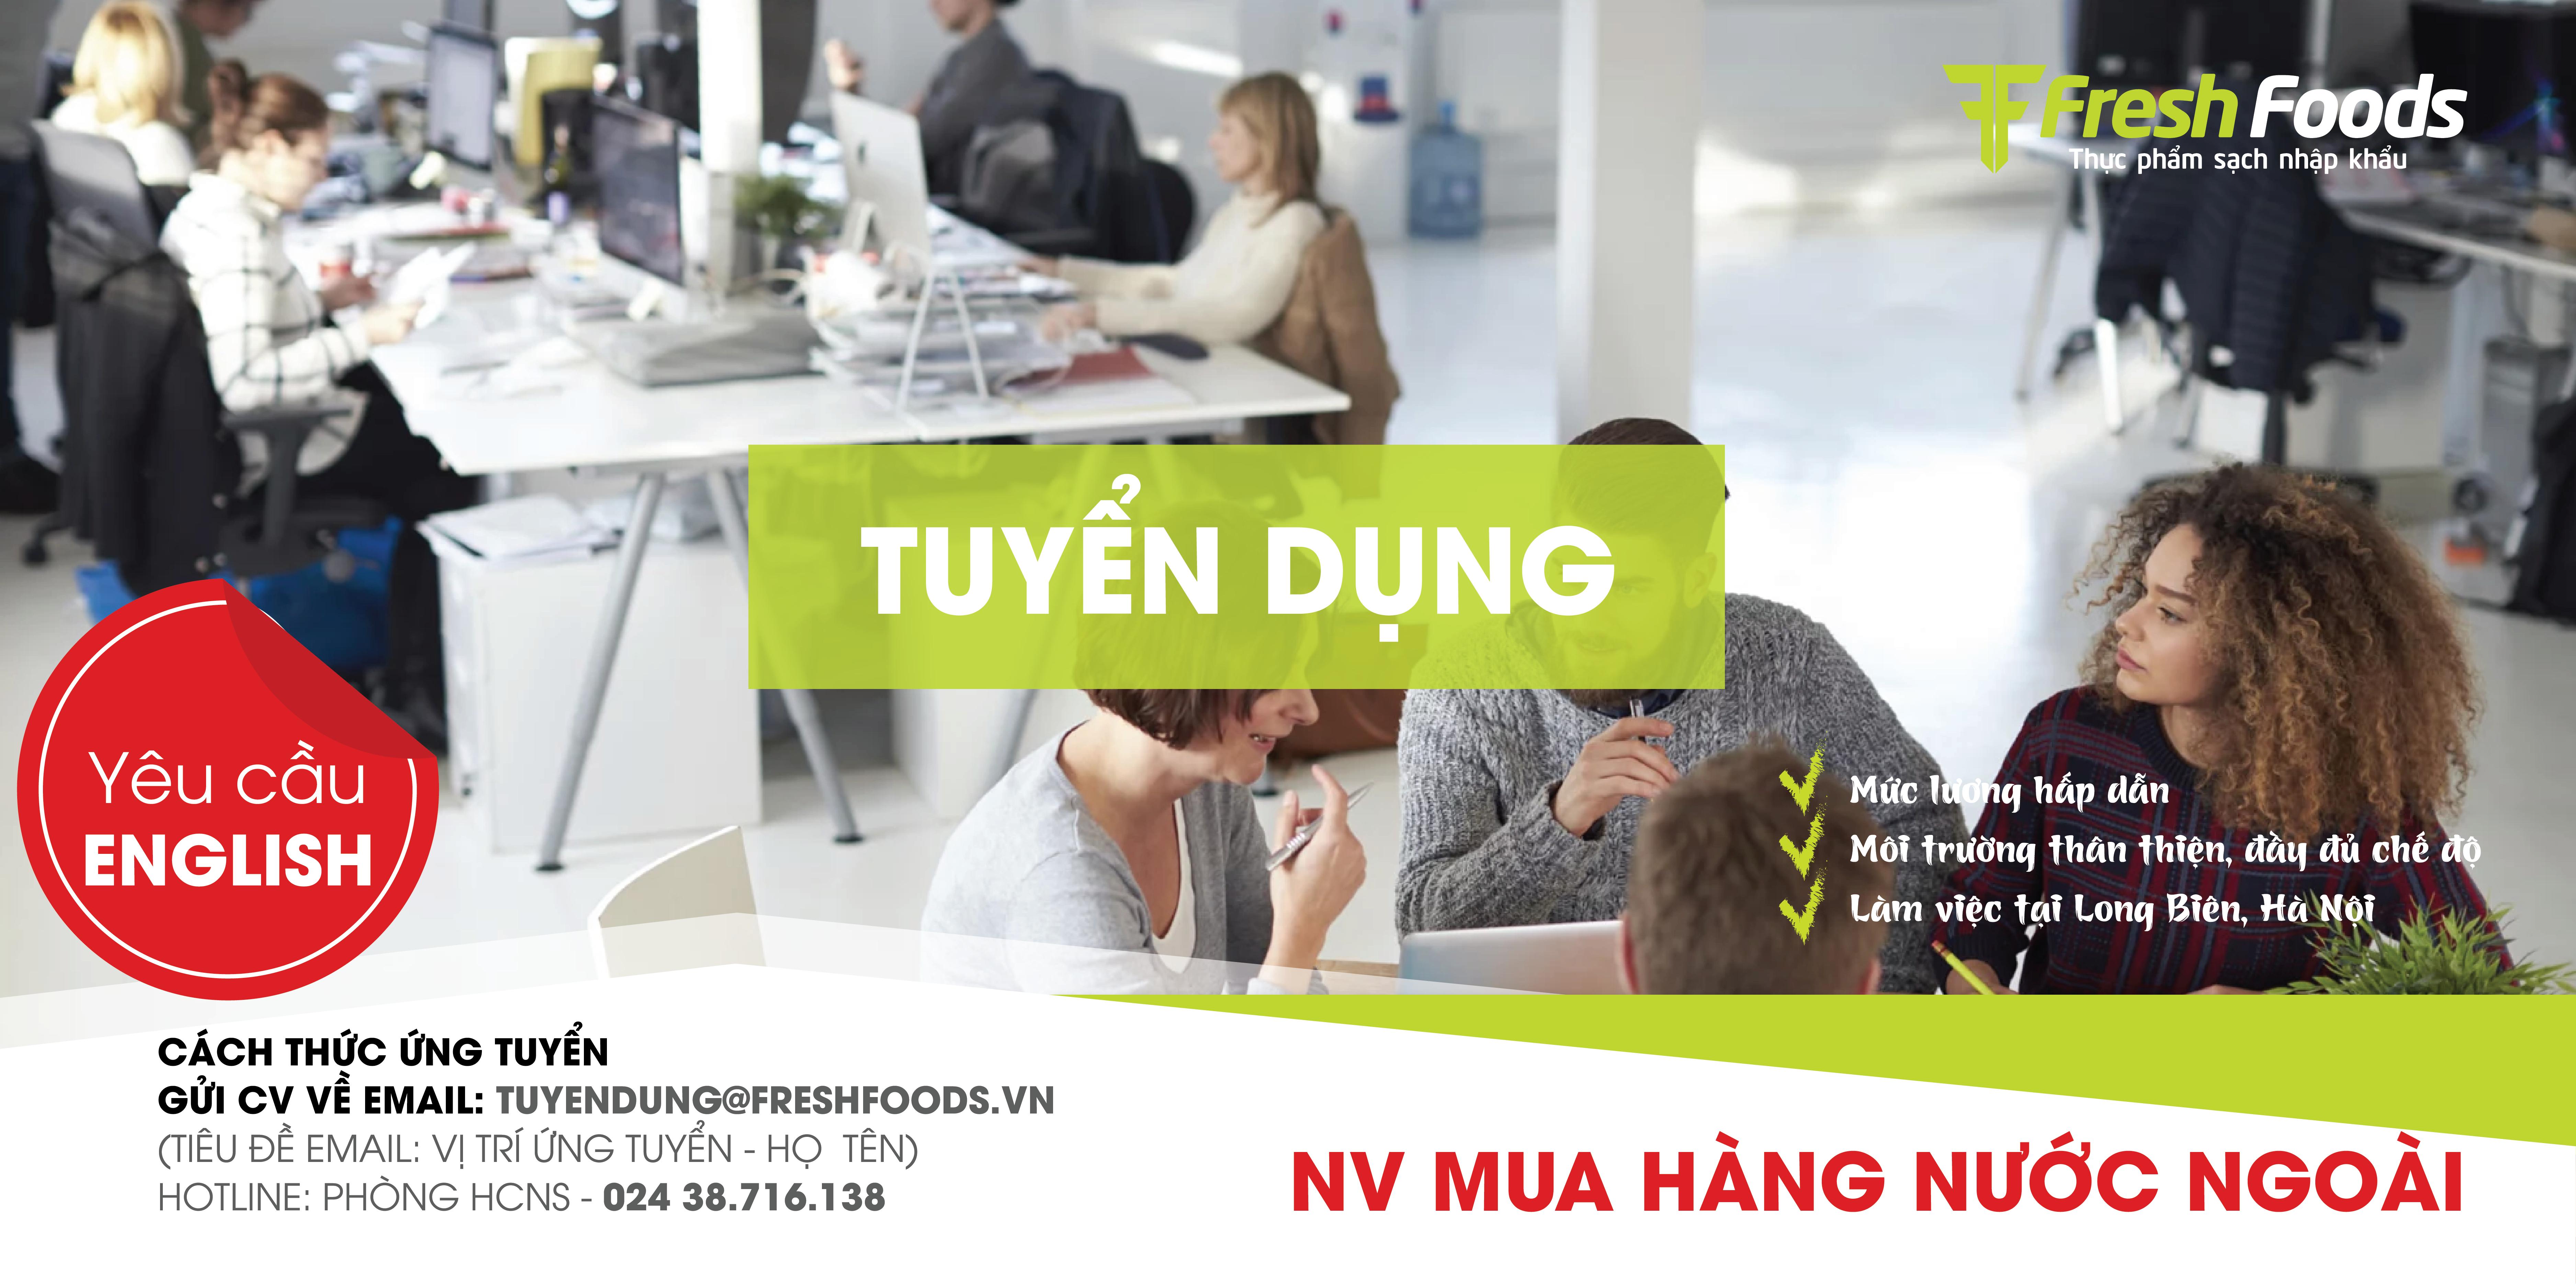 Hà Nội - Long Biên: Nhân viên mua hàng nước ngoài